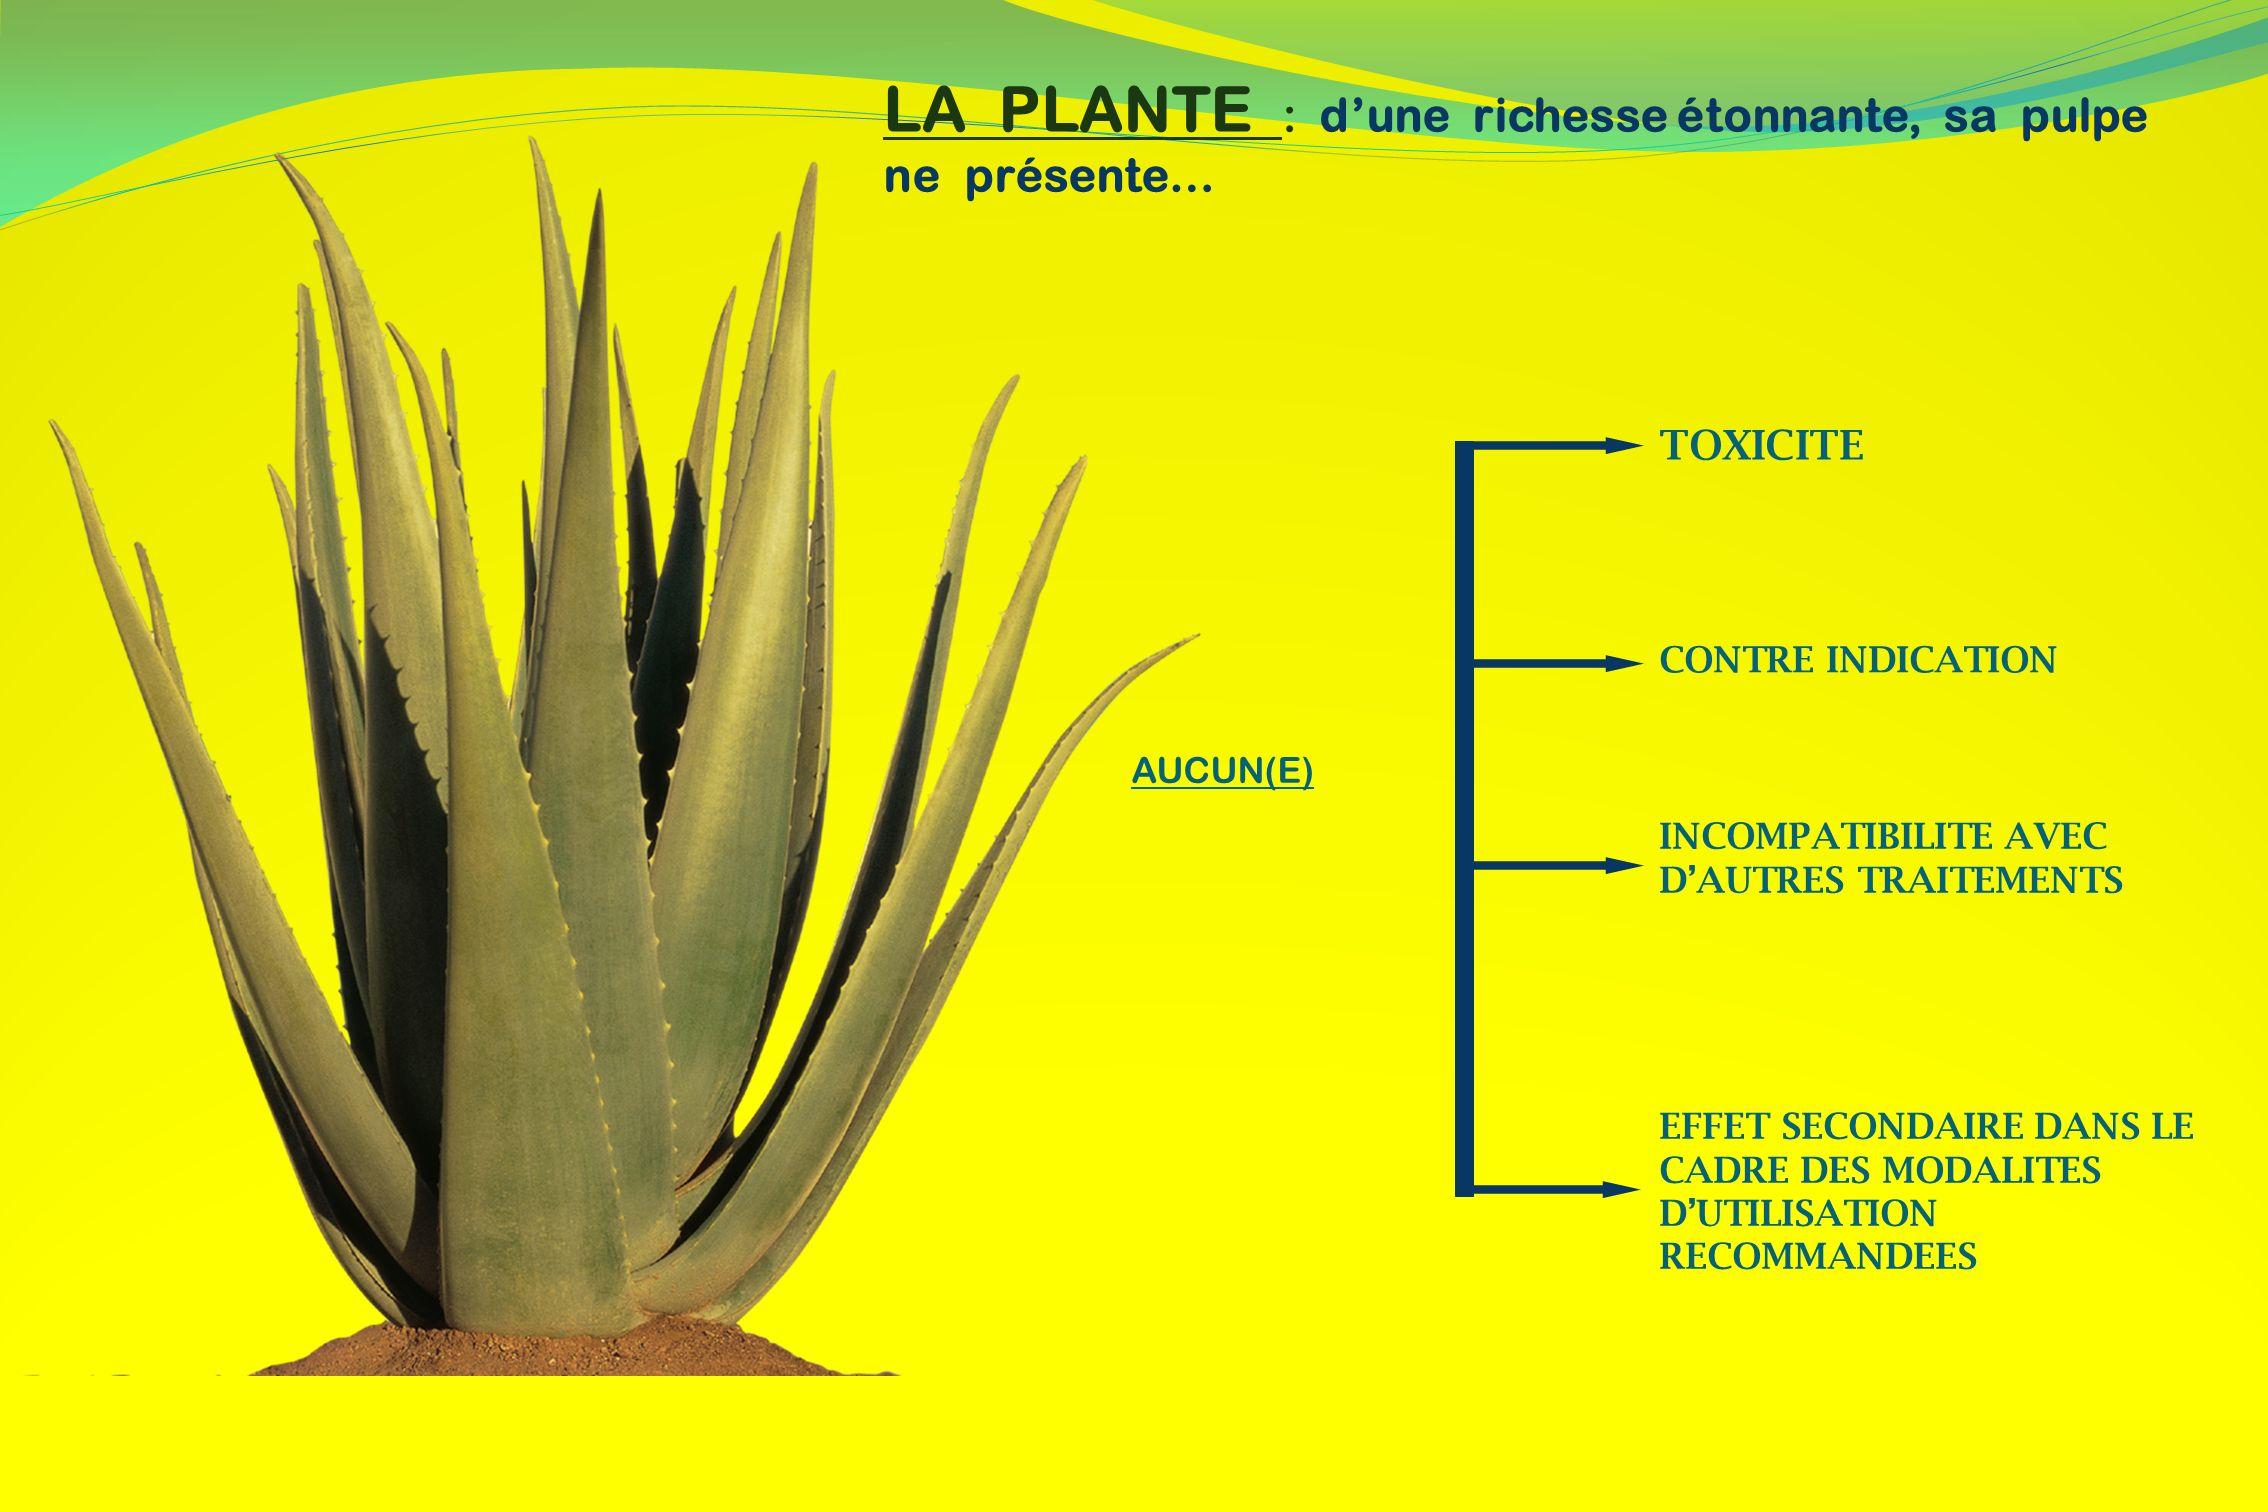 LAIT EXFOLIANT ALOES COMPOSITION : (INGREDIENTS) Alo é V é ra 39 %, Eau distill é e Huile de jojoba, Allanto ï ne, Acide ascorbique FORME ET PRESENTATION : Lait flacon de 120 ml.